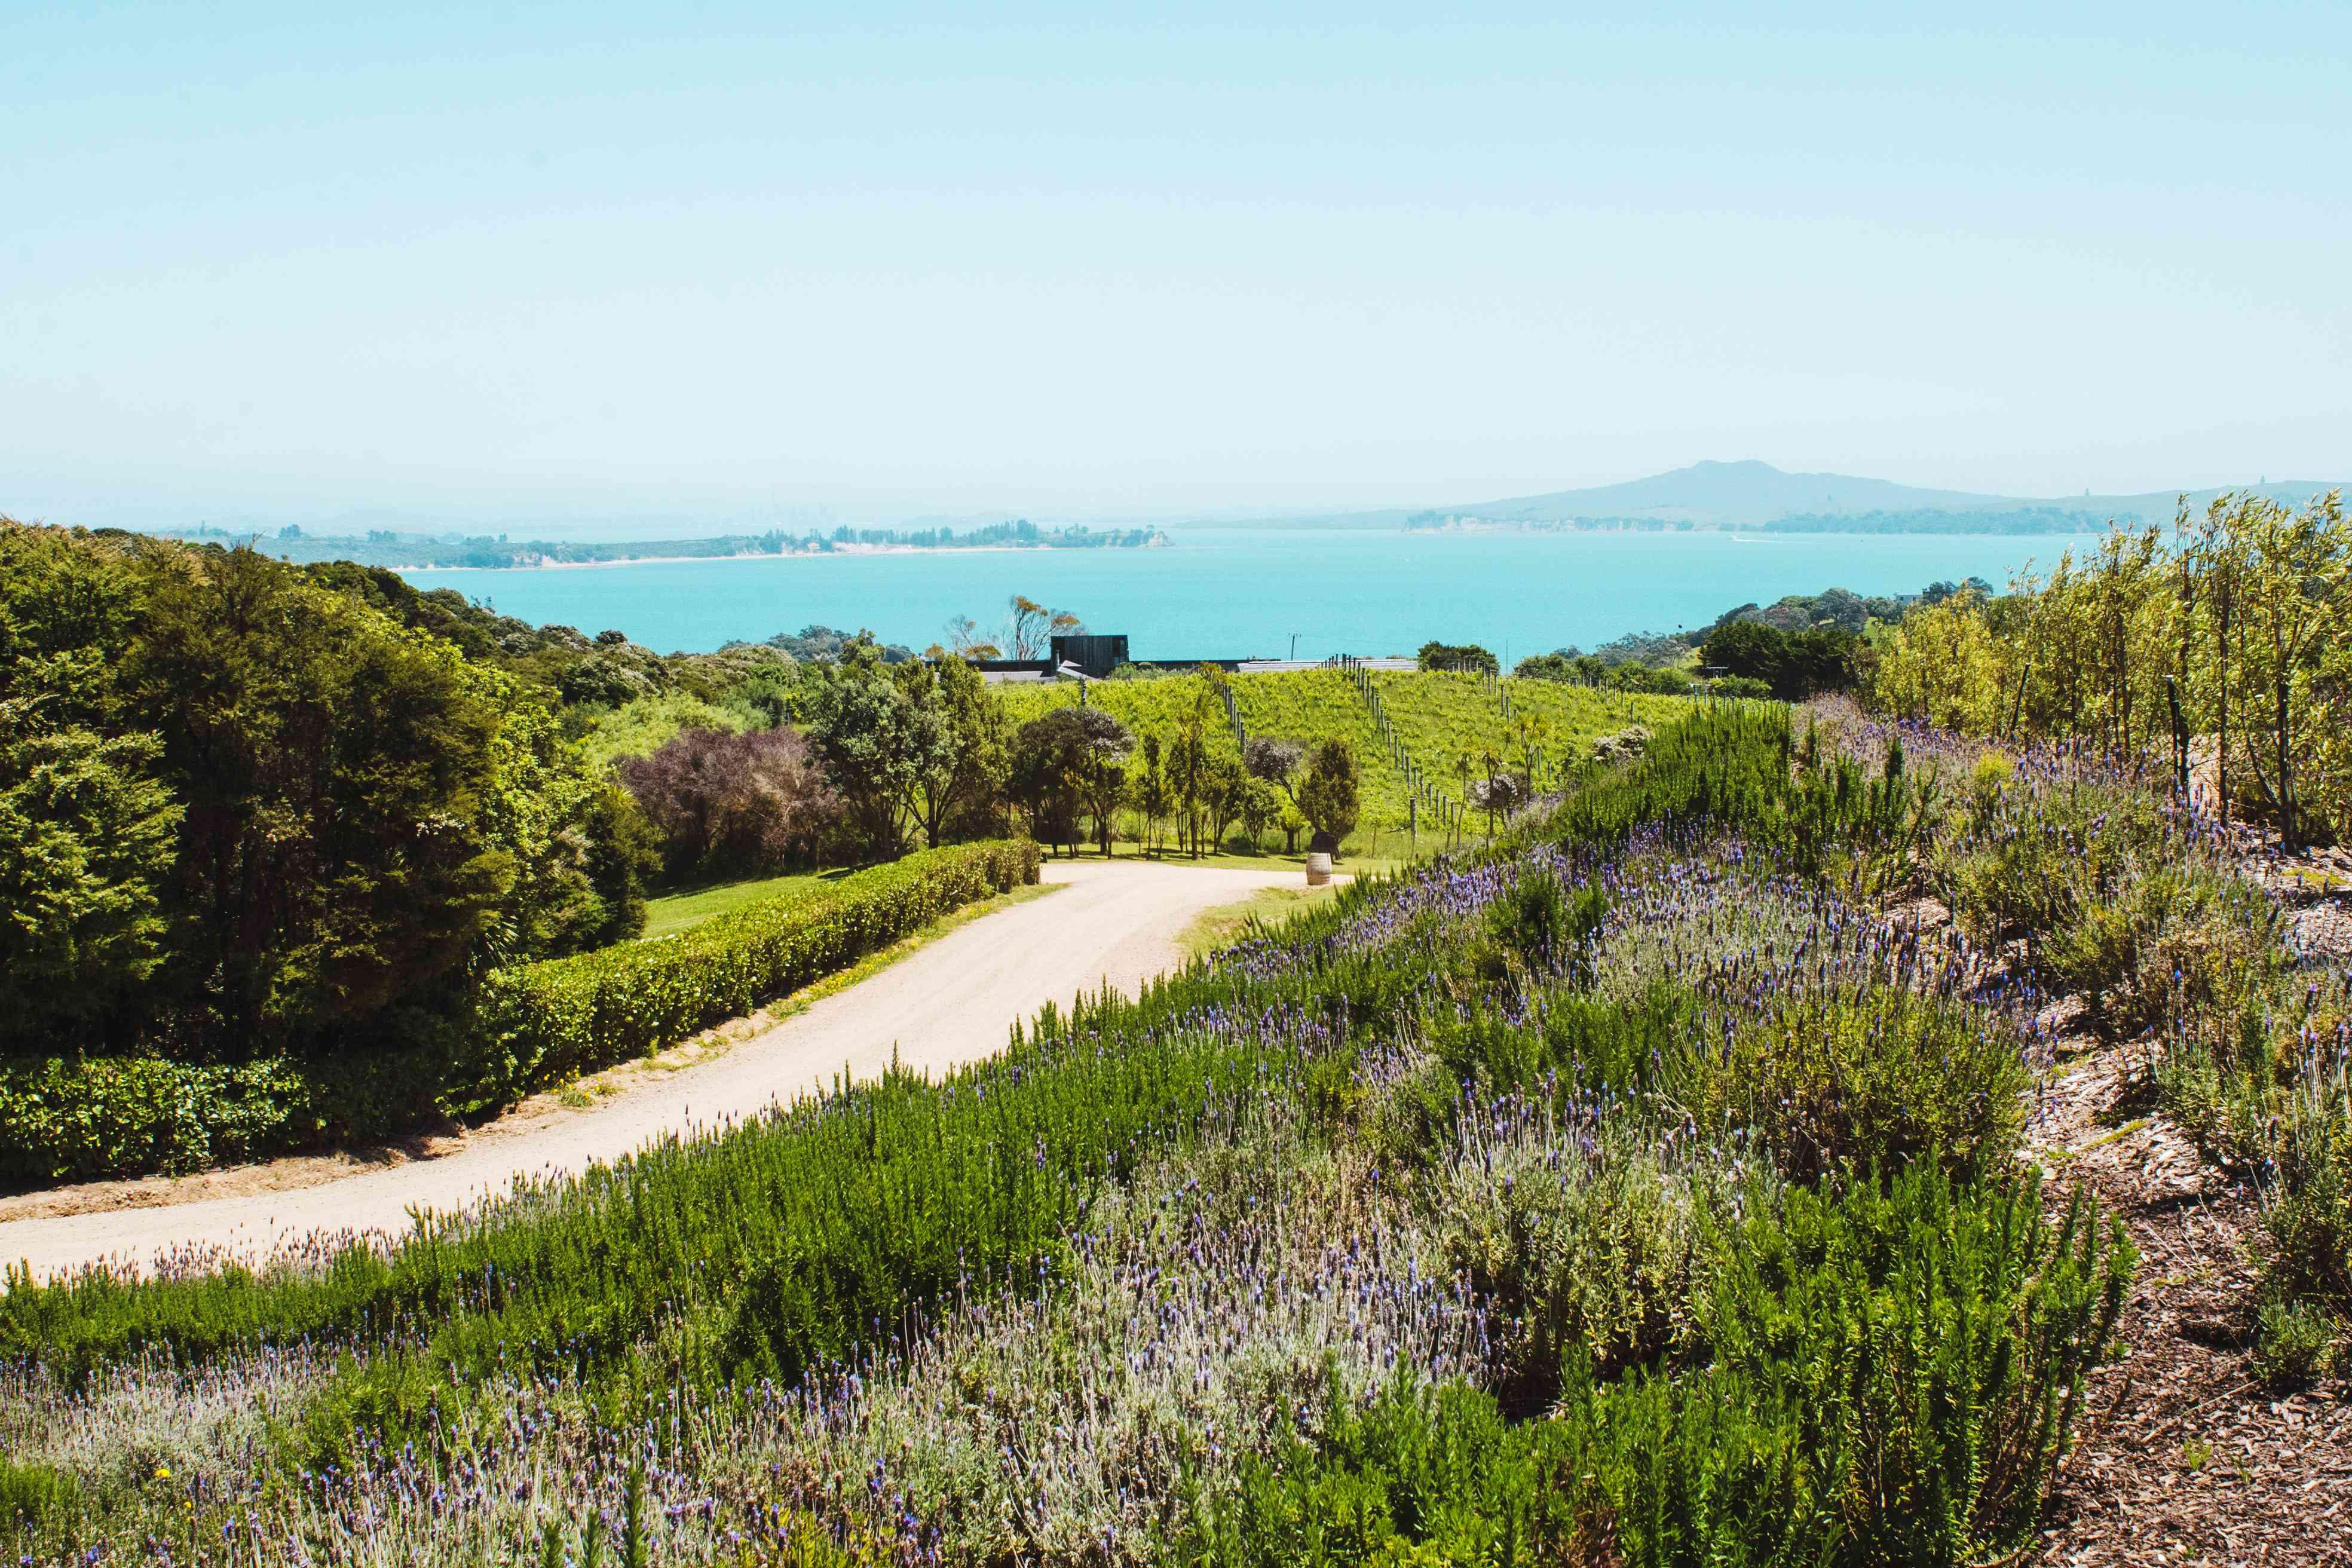 Un camino a través de los viñedos en la isla Waiheke